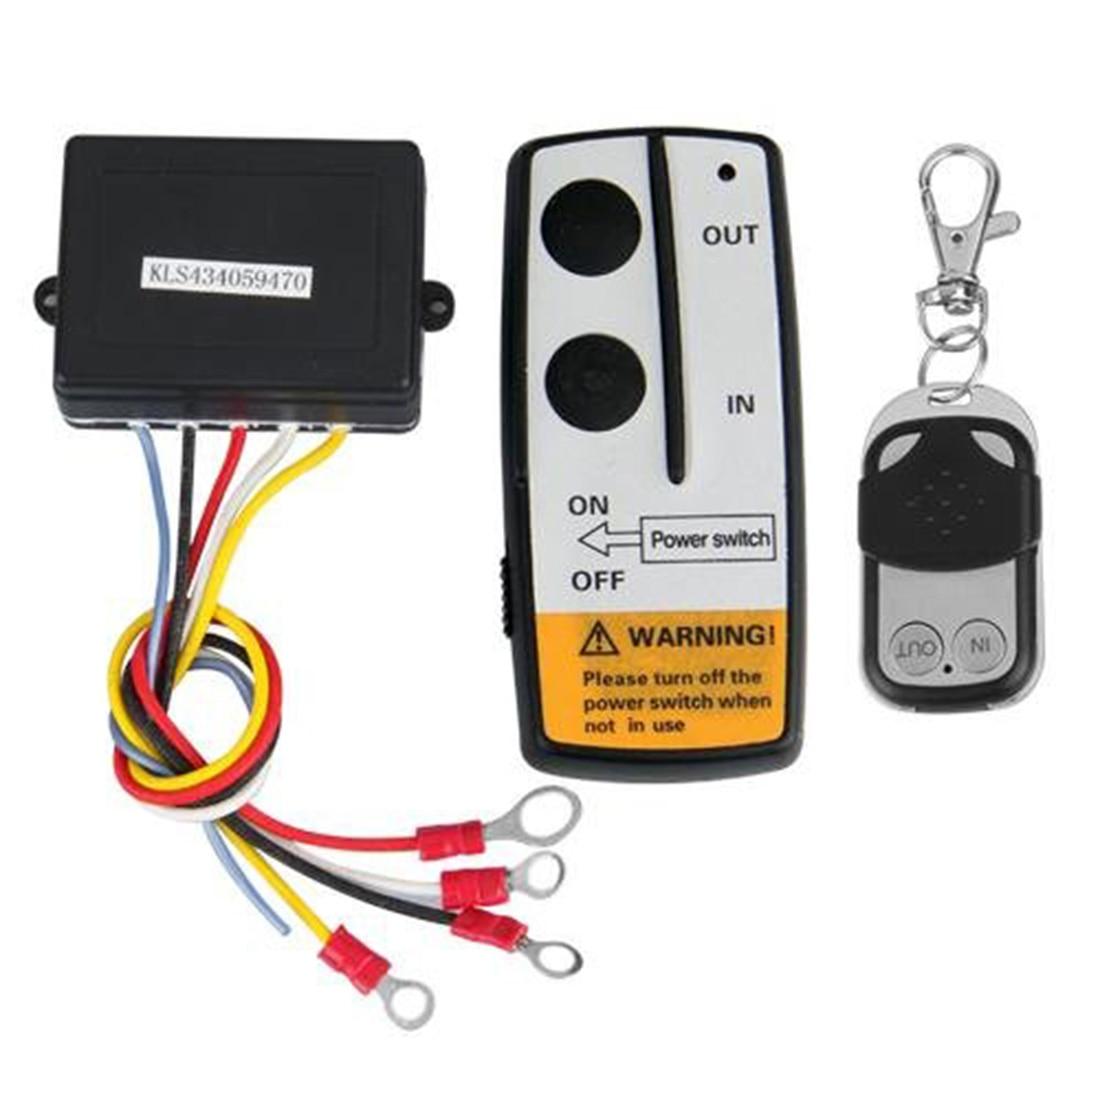 Marsnaska gran oferta Universal cabrestante inalámbrico Kit de Control remoto 12V 50ft 2 mandos a distancia con indicador de luz Detector del coche para camión Je Cargador USB para coche de carga rápida 3,0 4,0 Universal 18W carga rápida en coche 3 puertos cargador de teléfono móvil para samsung s10 iphone 11 7